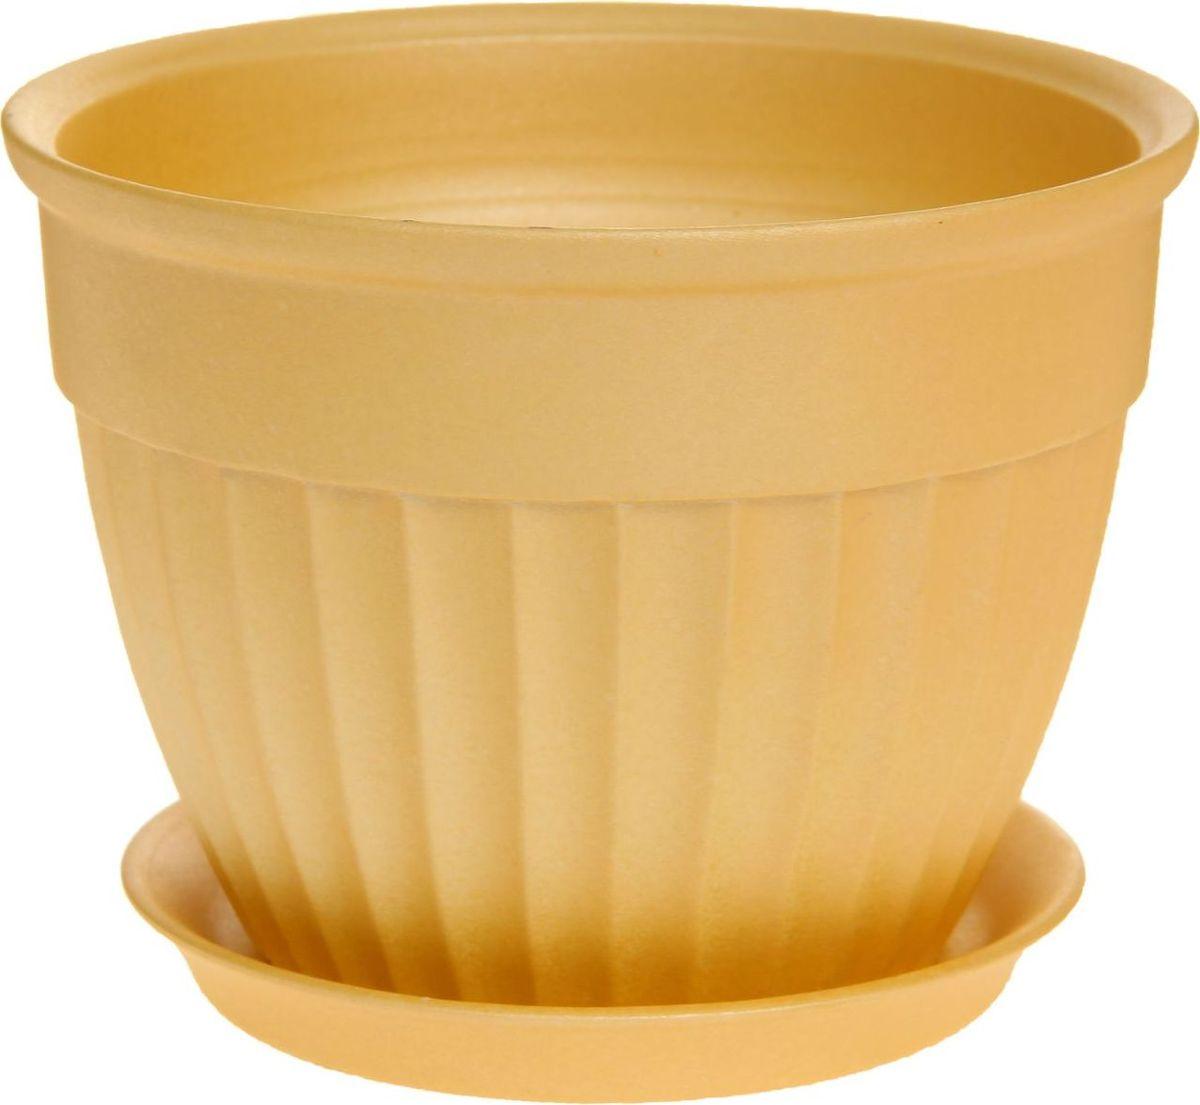 Кашпо Керамика ручной работы Ромашка, цвет: желтый, 2 л1170394Комнатные растения — всеобщие любимцы. Они радуют глаз, насыщают помещение кислородом и украшают пространство. Каждому из них необходим свой удобный и красивый дом. Кашпо из керамики прекрасно подходят для высадки растений: за счёт пластичности глины и разных способов обработки существует великое множество форм и дизайновпористый материал позволяет испаряться лишней влагевоздух, необходимый для дыхания корней, проникает сквозь керамические стенки! #name# позаботится о зелёном питомце, освежит интерьер и подчеркнёт его стиль.